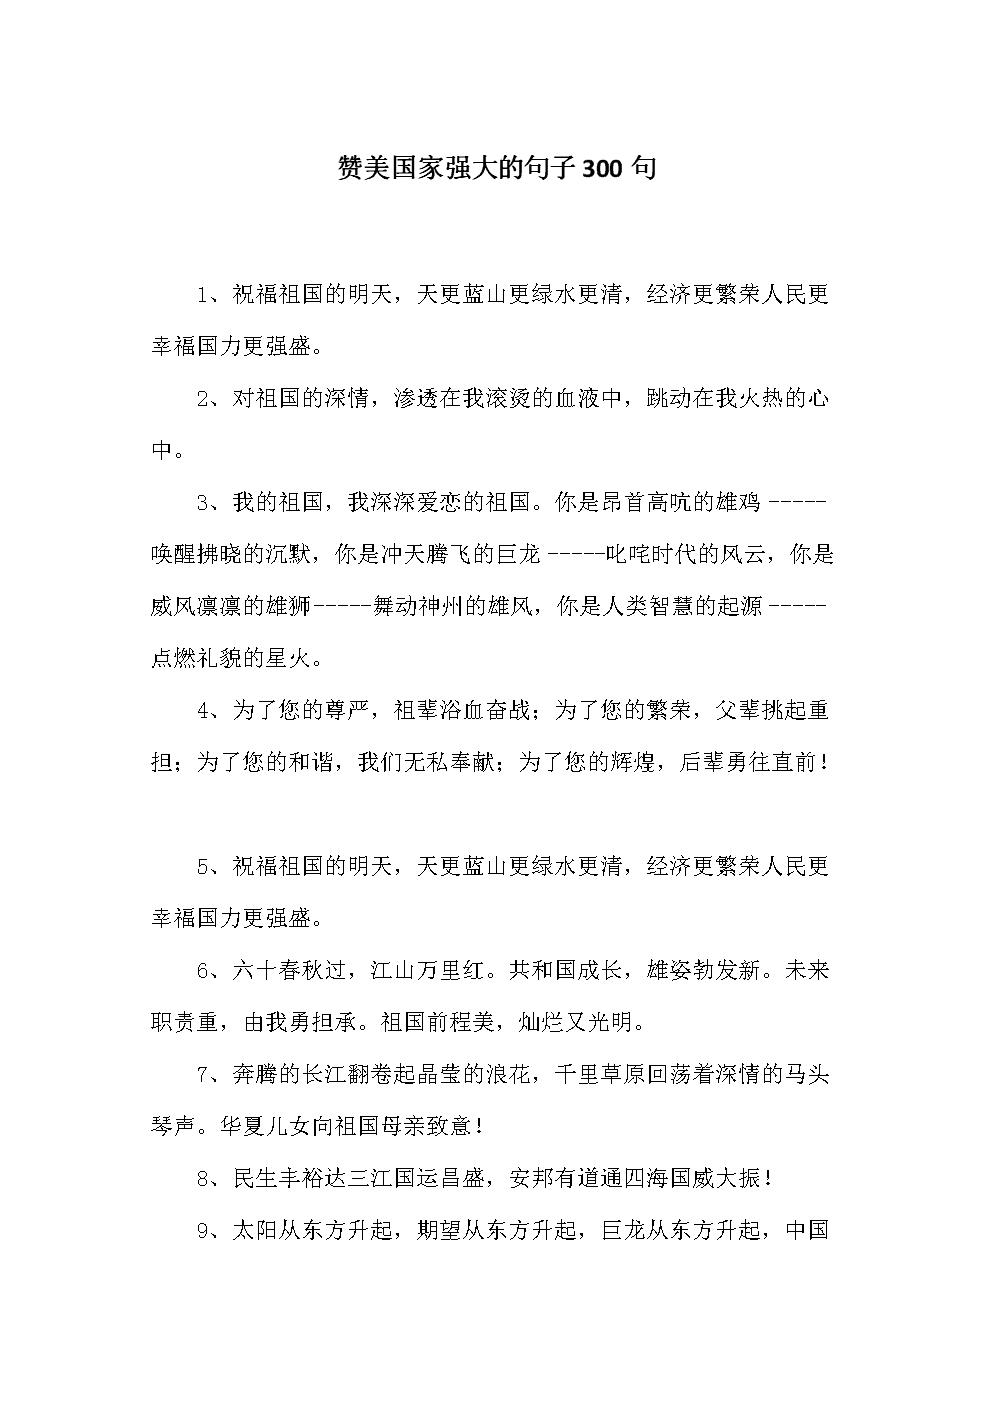 赞美国家强大的句子300句.docx